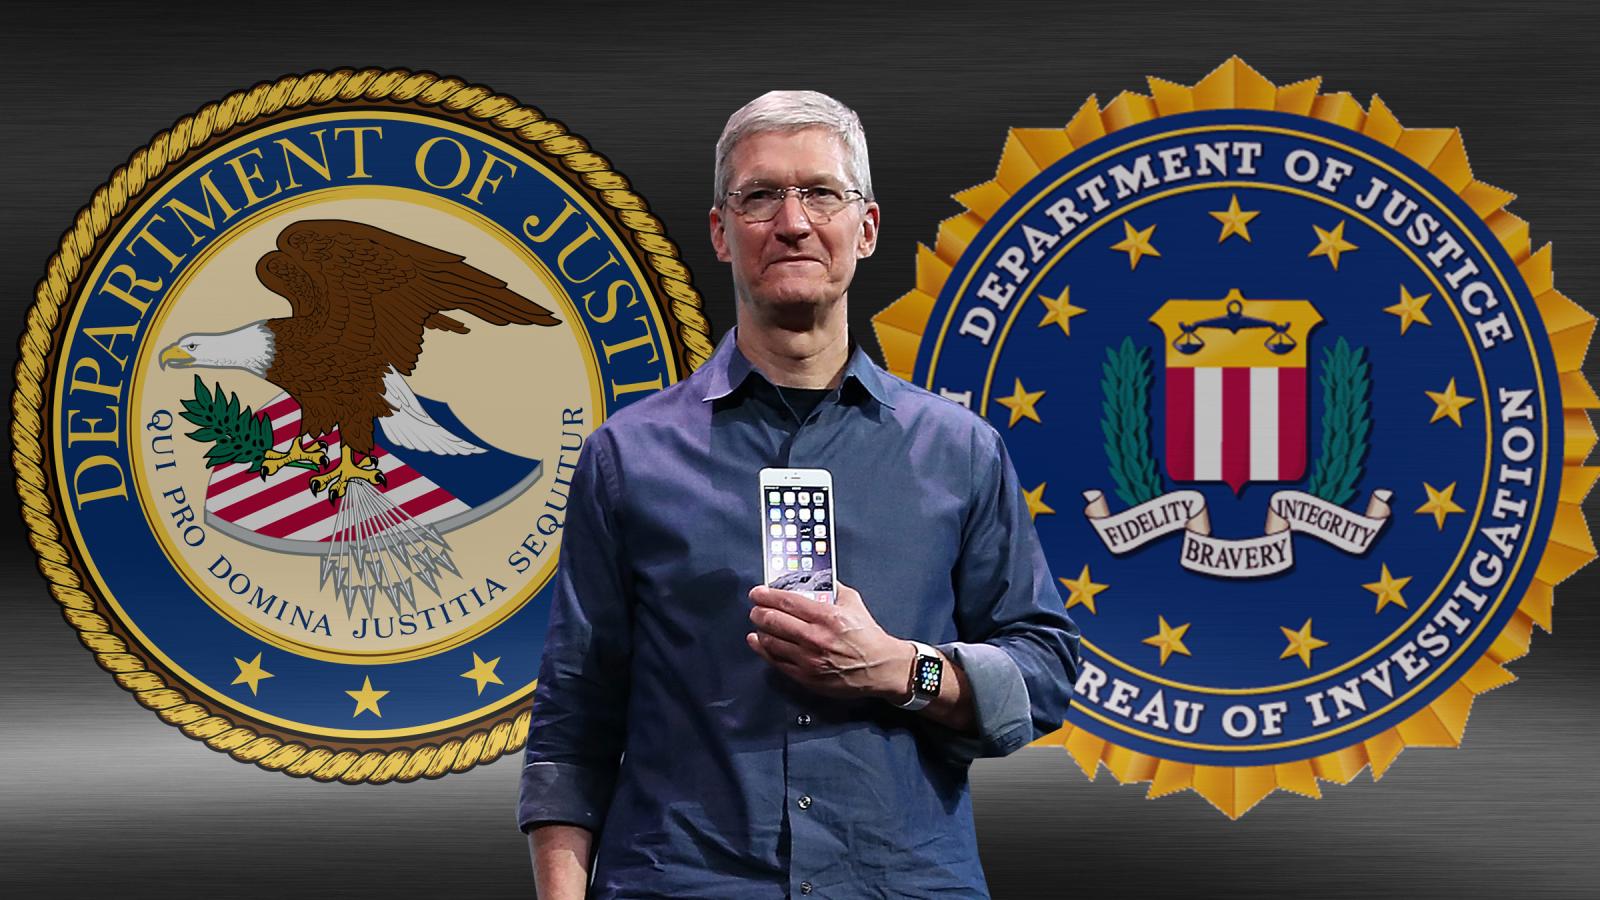 guvern sua Apple FBI amenintare